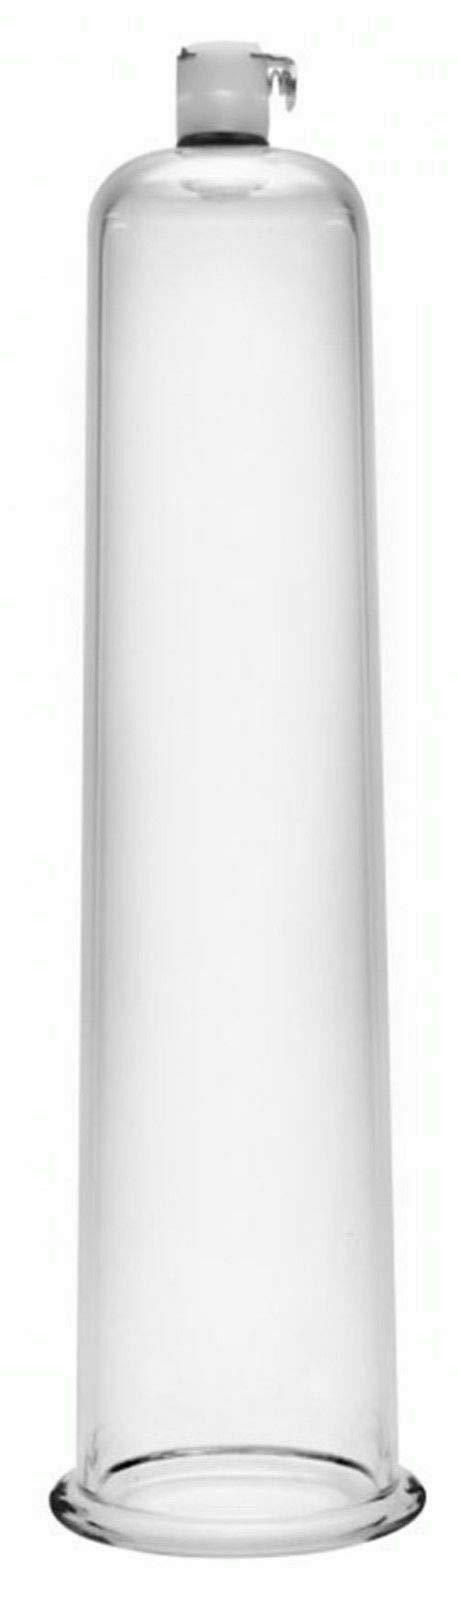 AMcH Deluxe Hand Male Pump Kit 2 Inch Cylinder Enlarger Enhancer Enhancement Vacuum Massager for Men